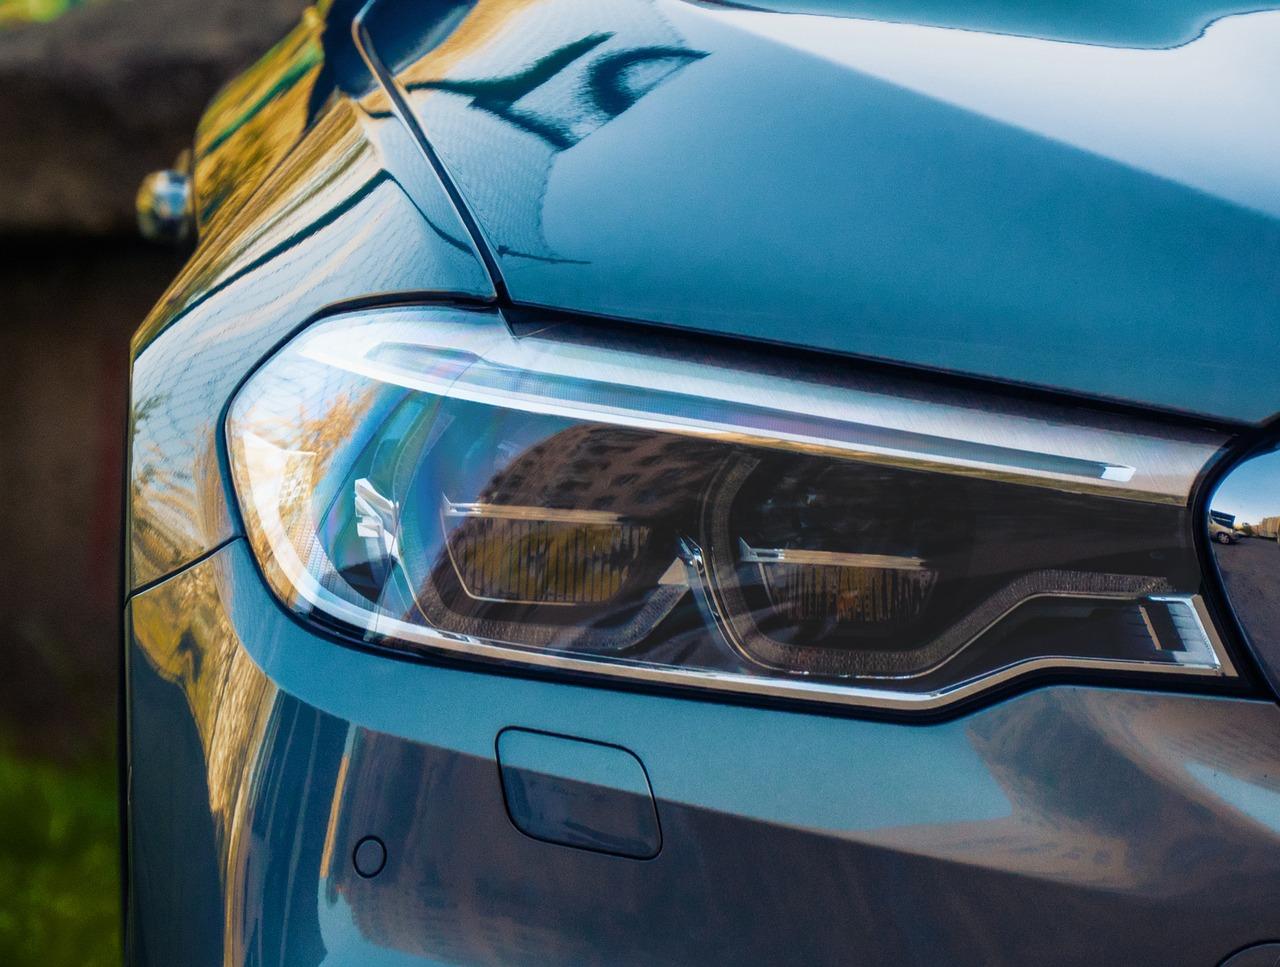 Jakie akcesoria do Volkswagena?